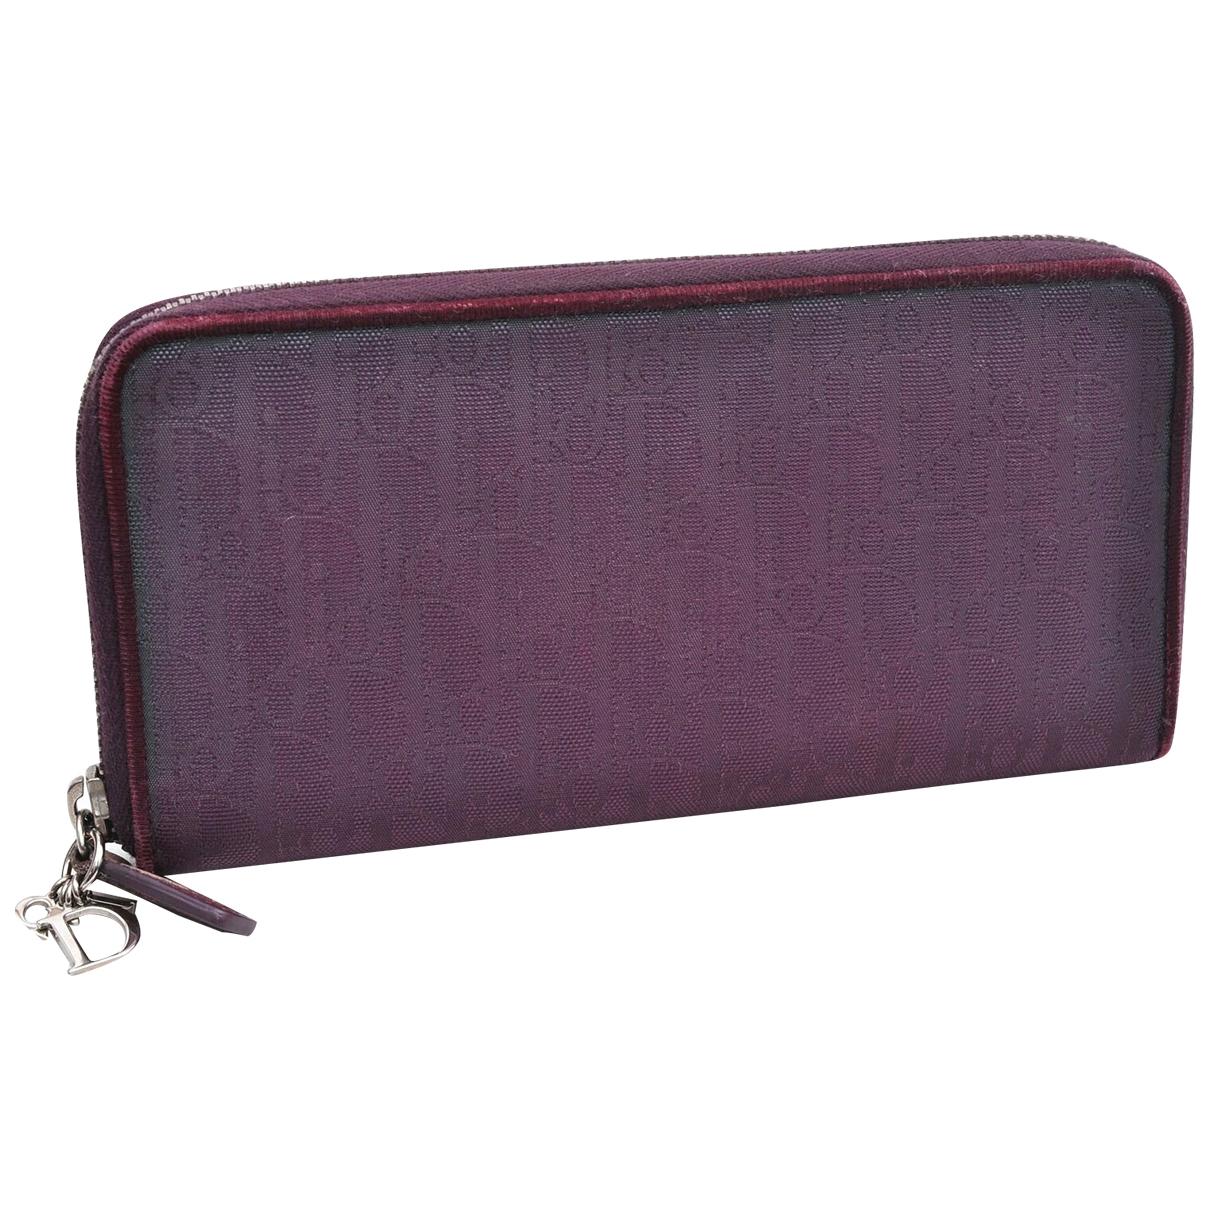 Dior \N Portemonnaie in  Lila Leinen